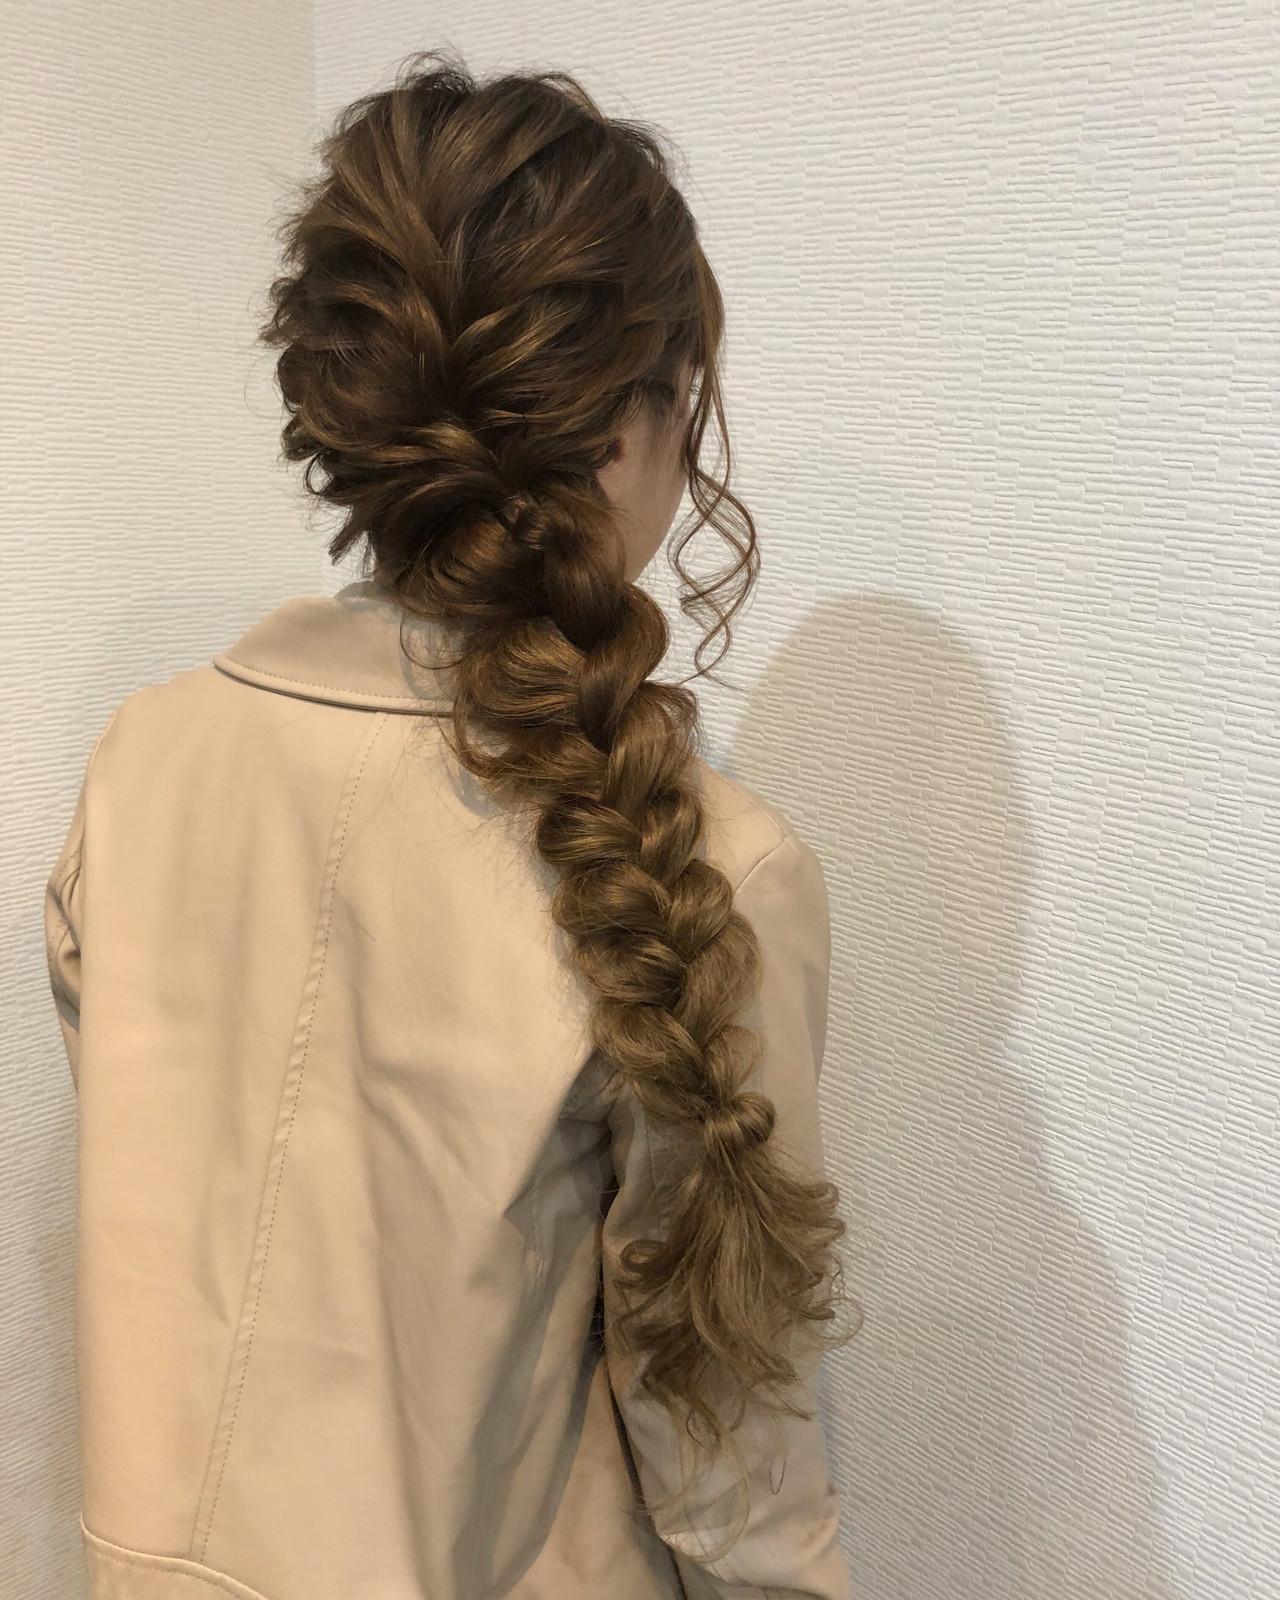 ガーリー 編みおろしヘア ヘアセット 編み込みヘアスタイルや髪型の写真・画像